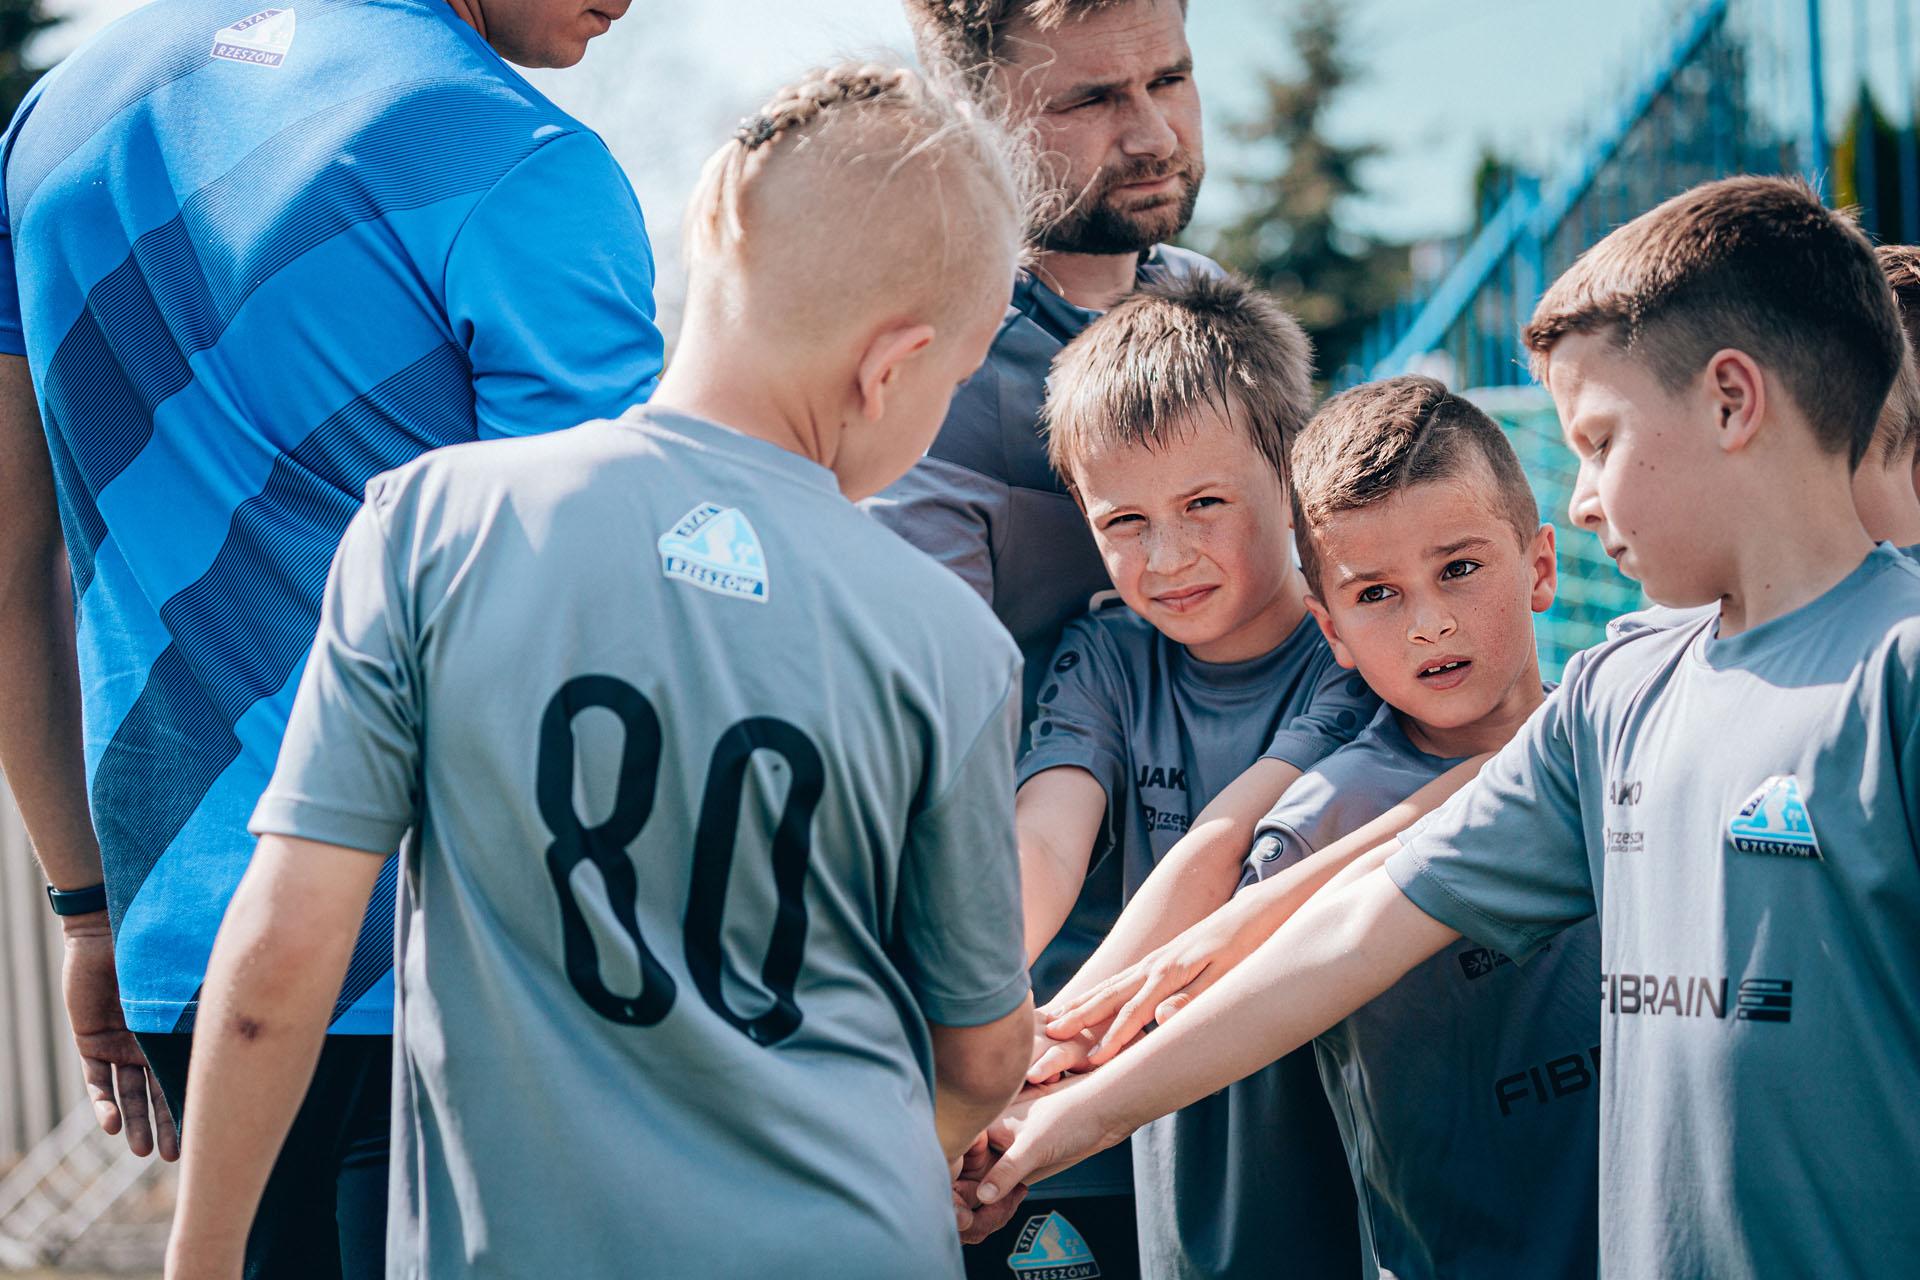 turniej U09 2021-05-15, fot. K.Krupa